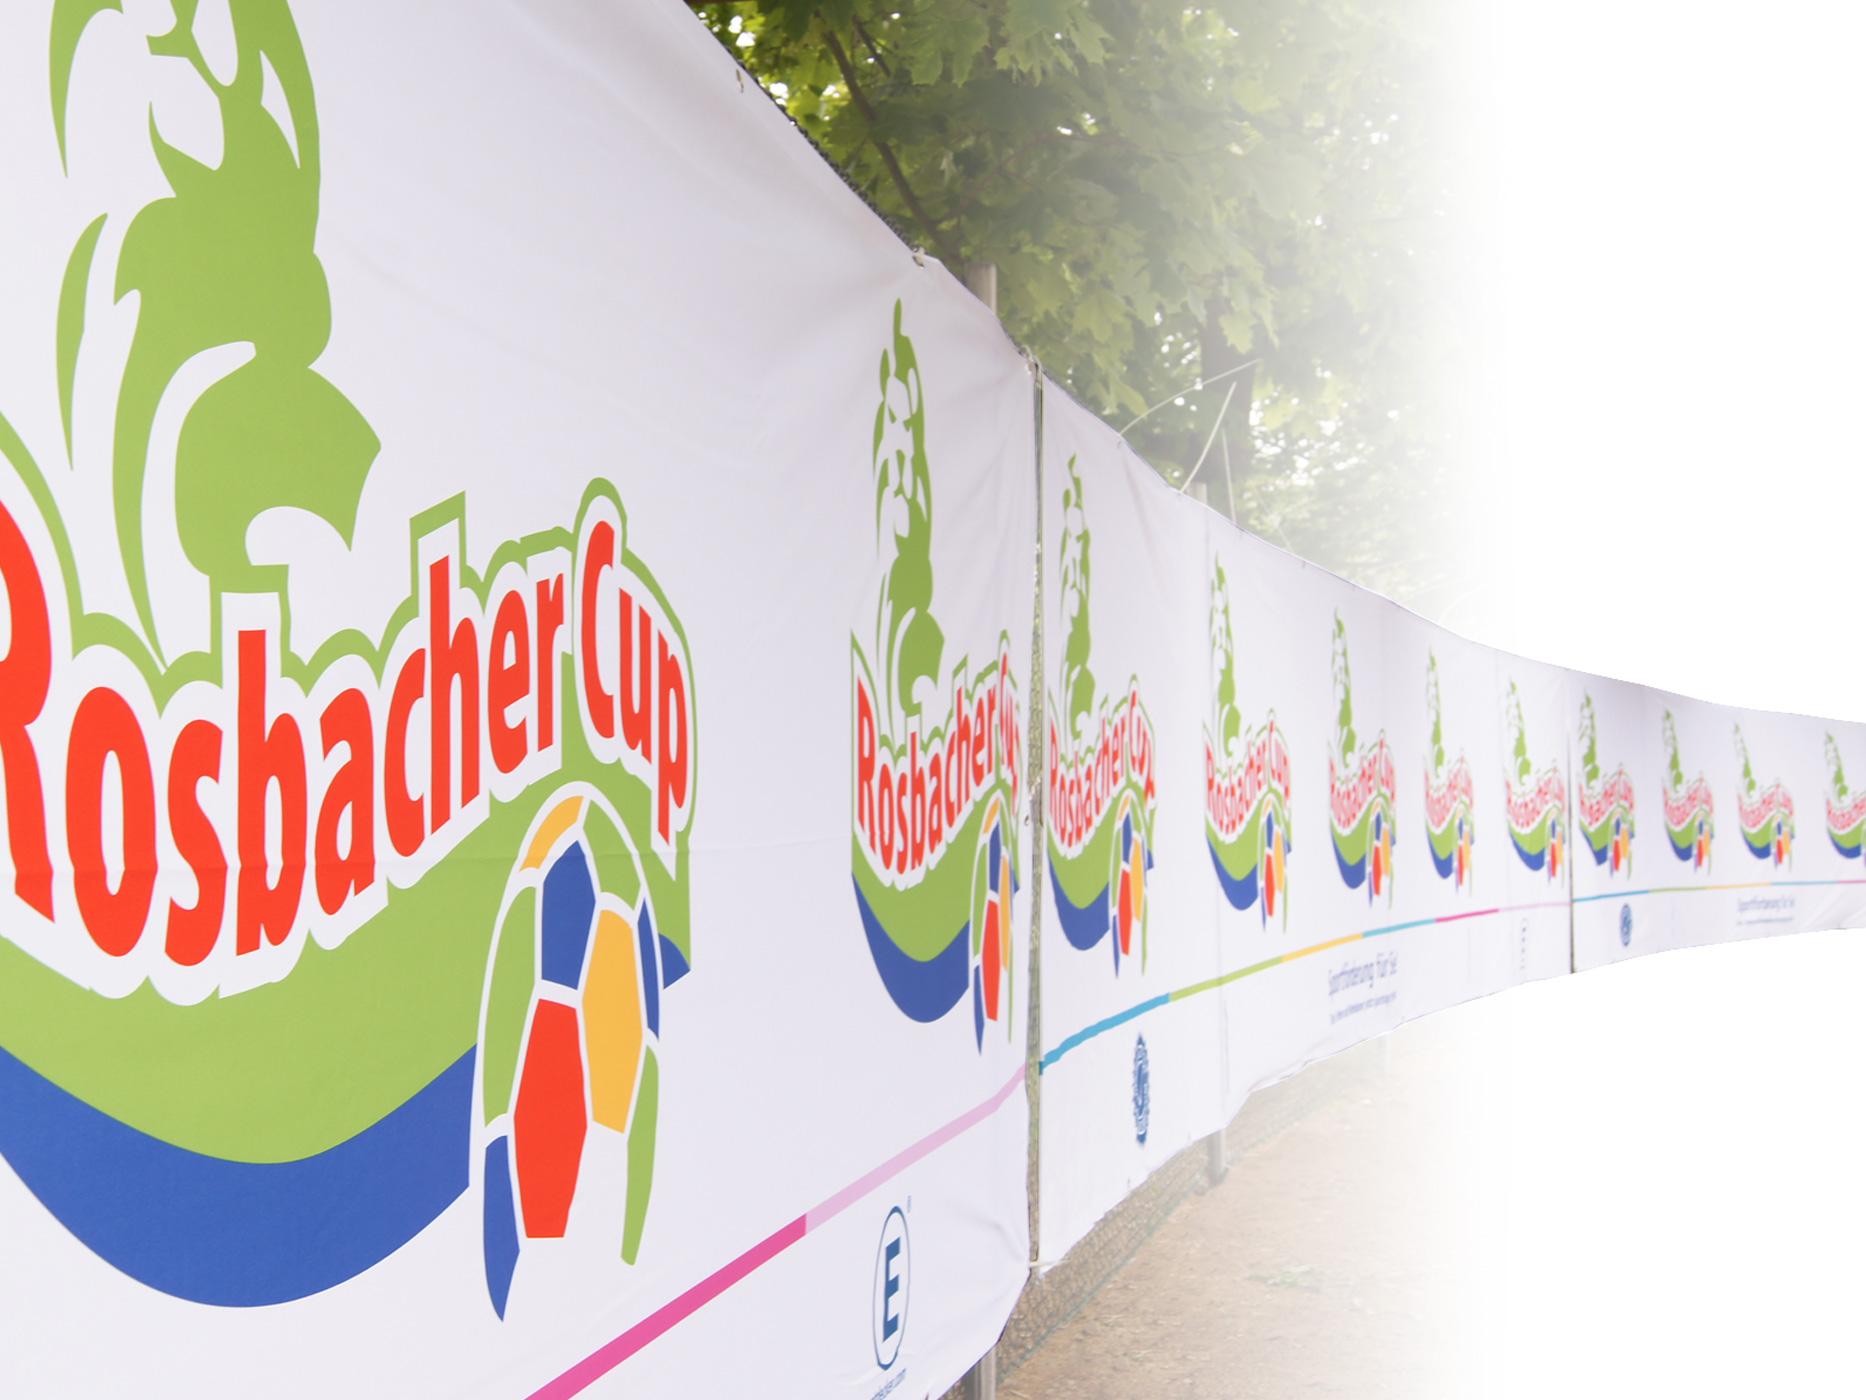 Banner Planen Rosbacher